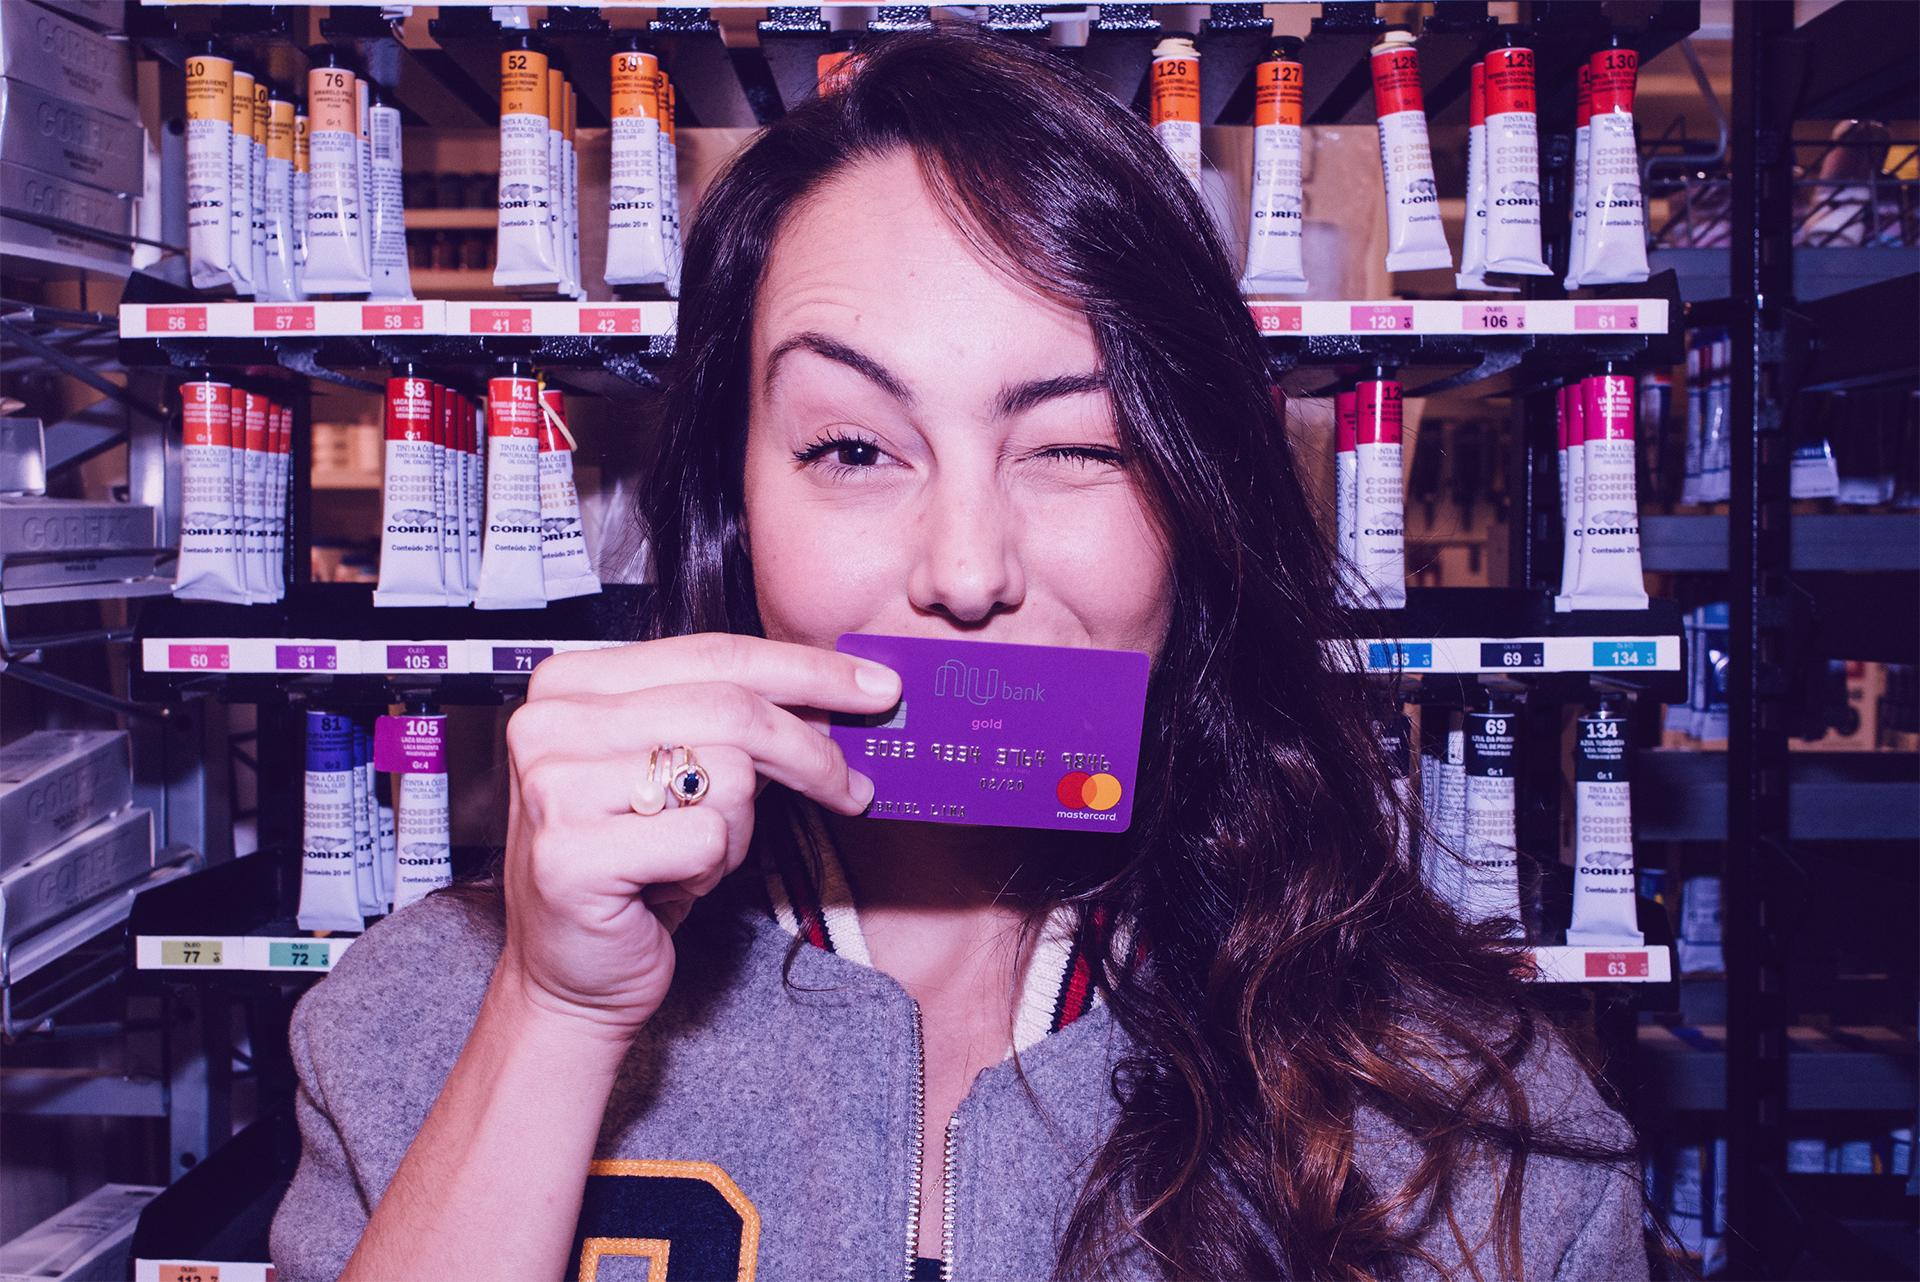 Mulher piscando com cartão Nubank na frente do rosto